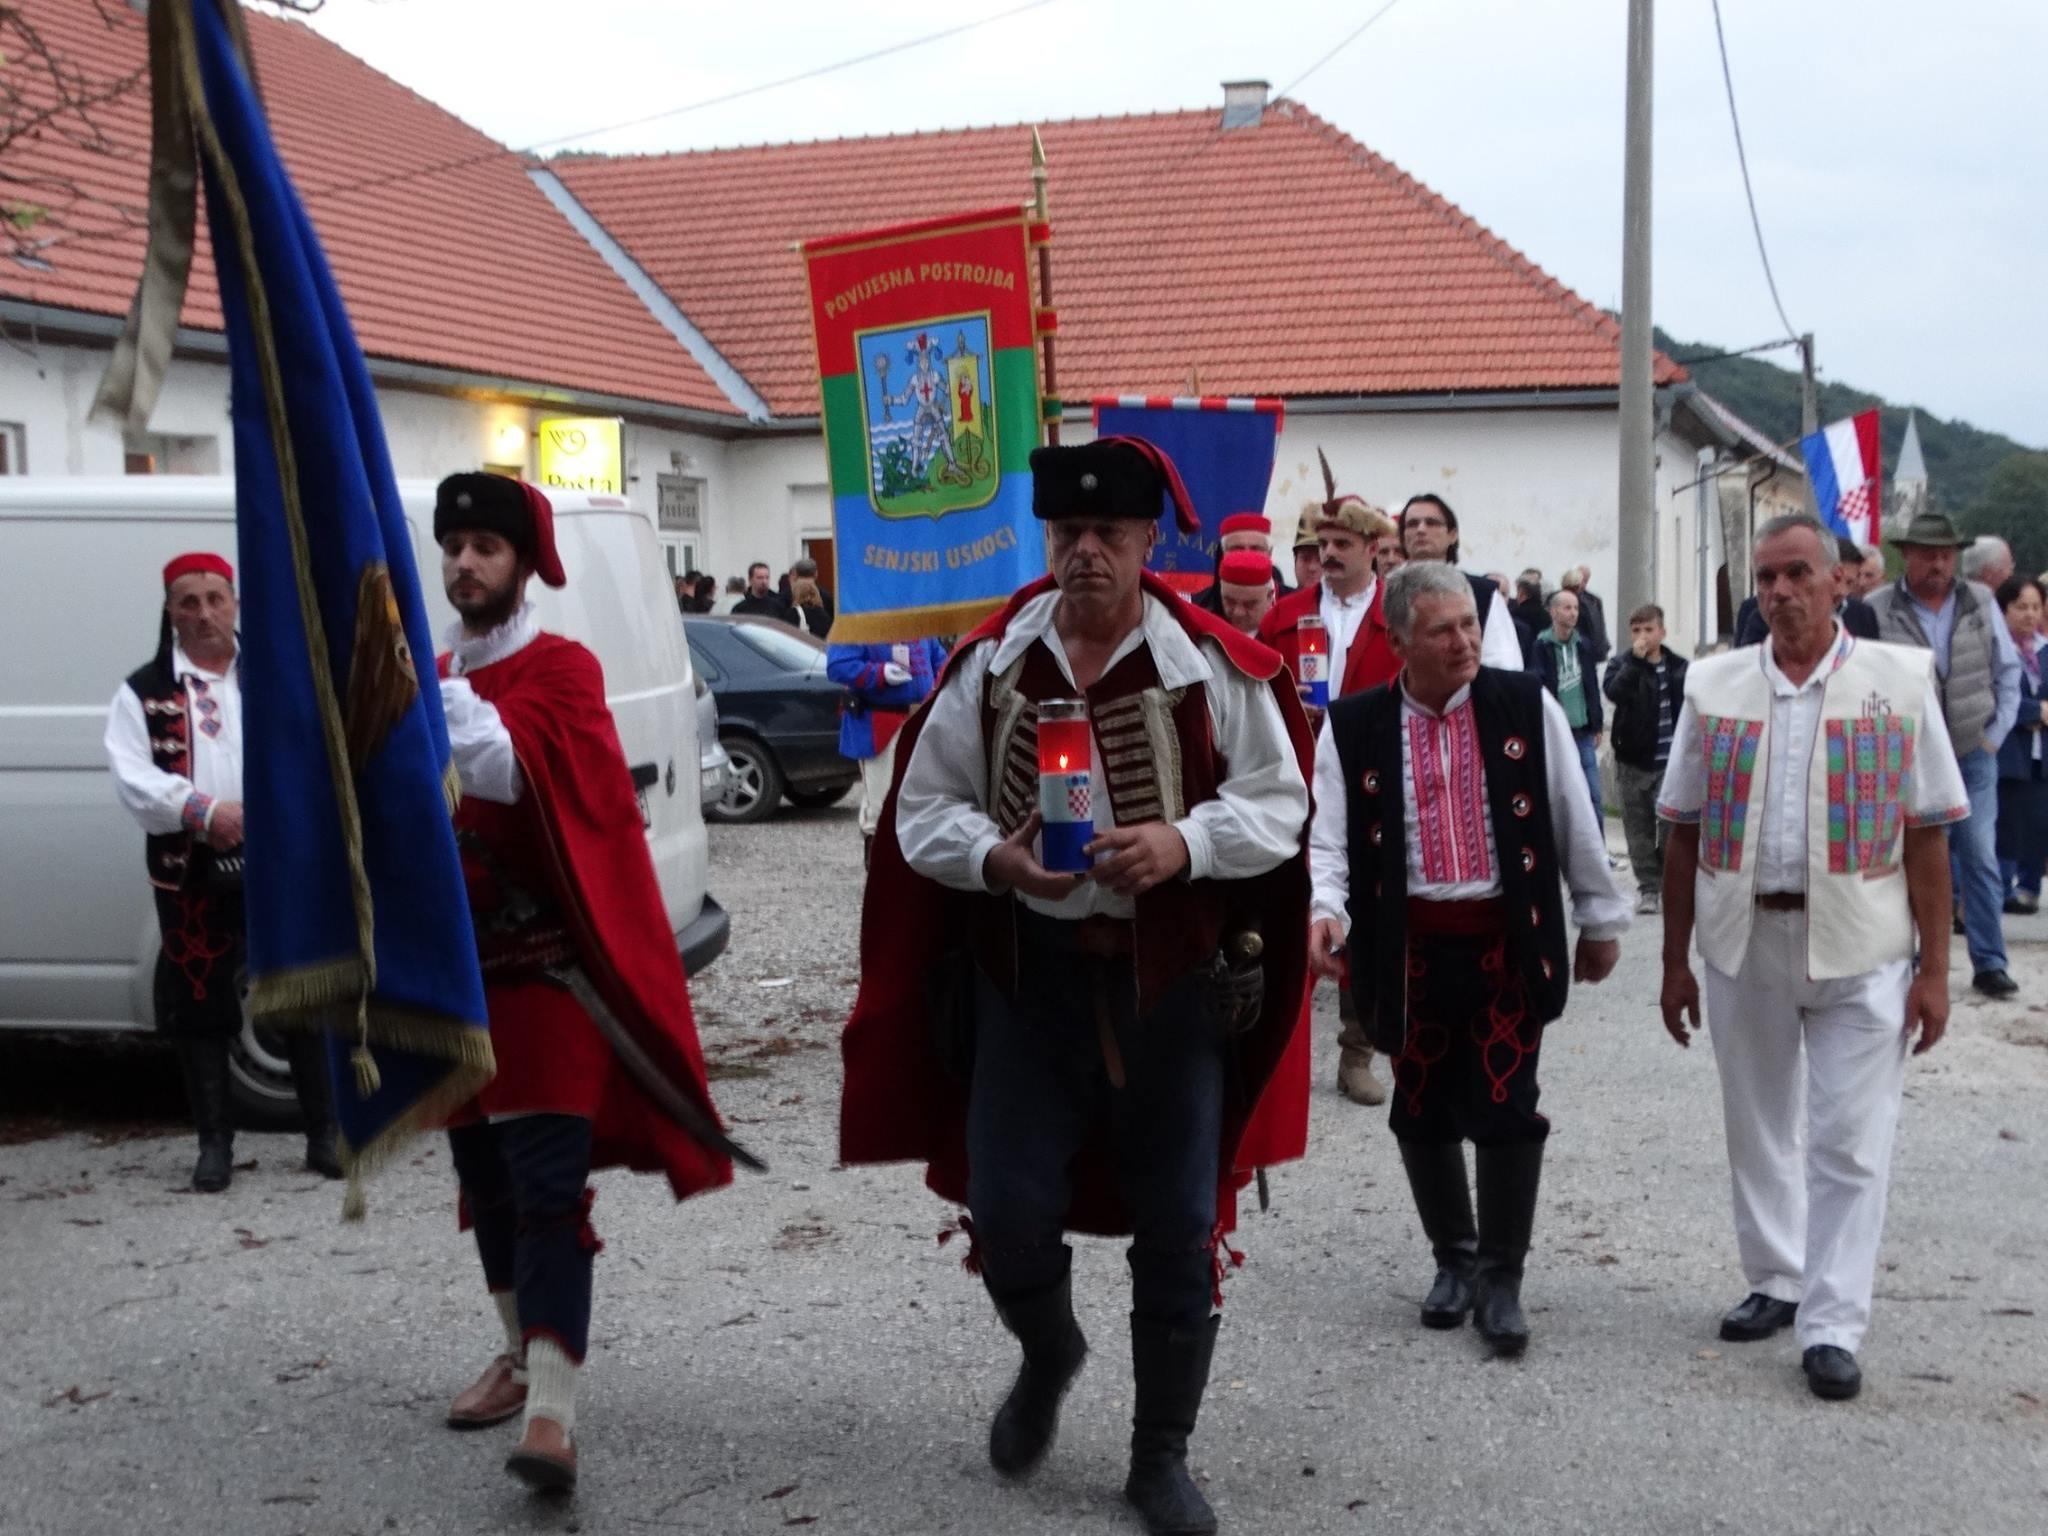 U Sošicama velikom svečanošću obilježeno 400 godina od doseljenja uskočkih obitelji iz Senja u Žumberak